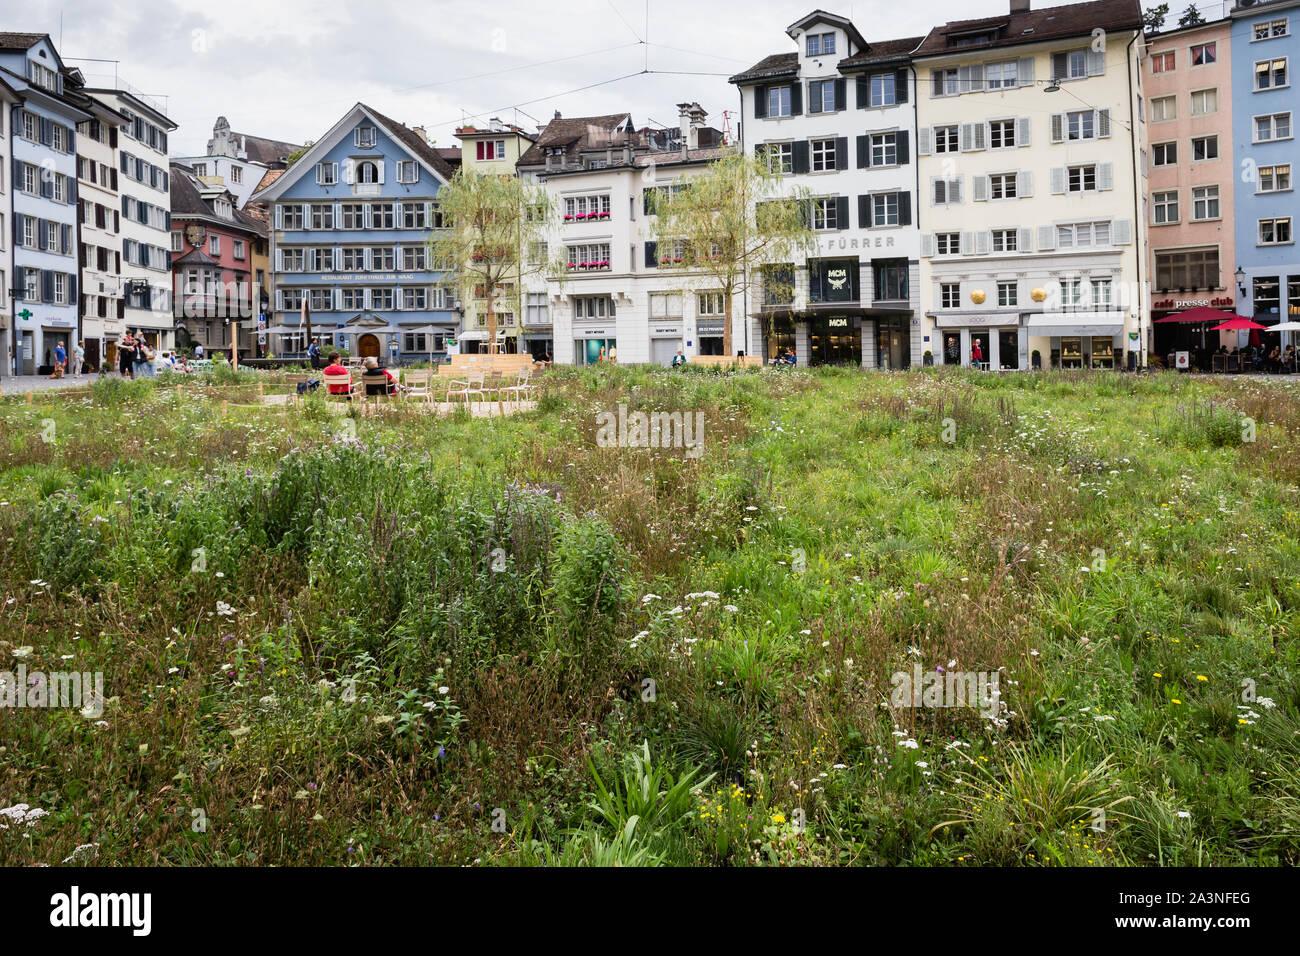 Insel in der Stadt pré installé par l'artiste Heinrich Gartentor dans la place Münsterhof à Zurich, Suisse Banque D'Images